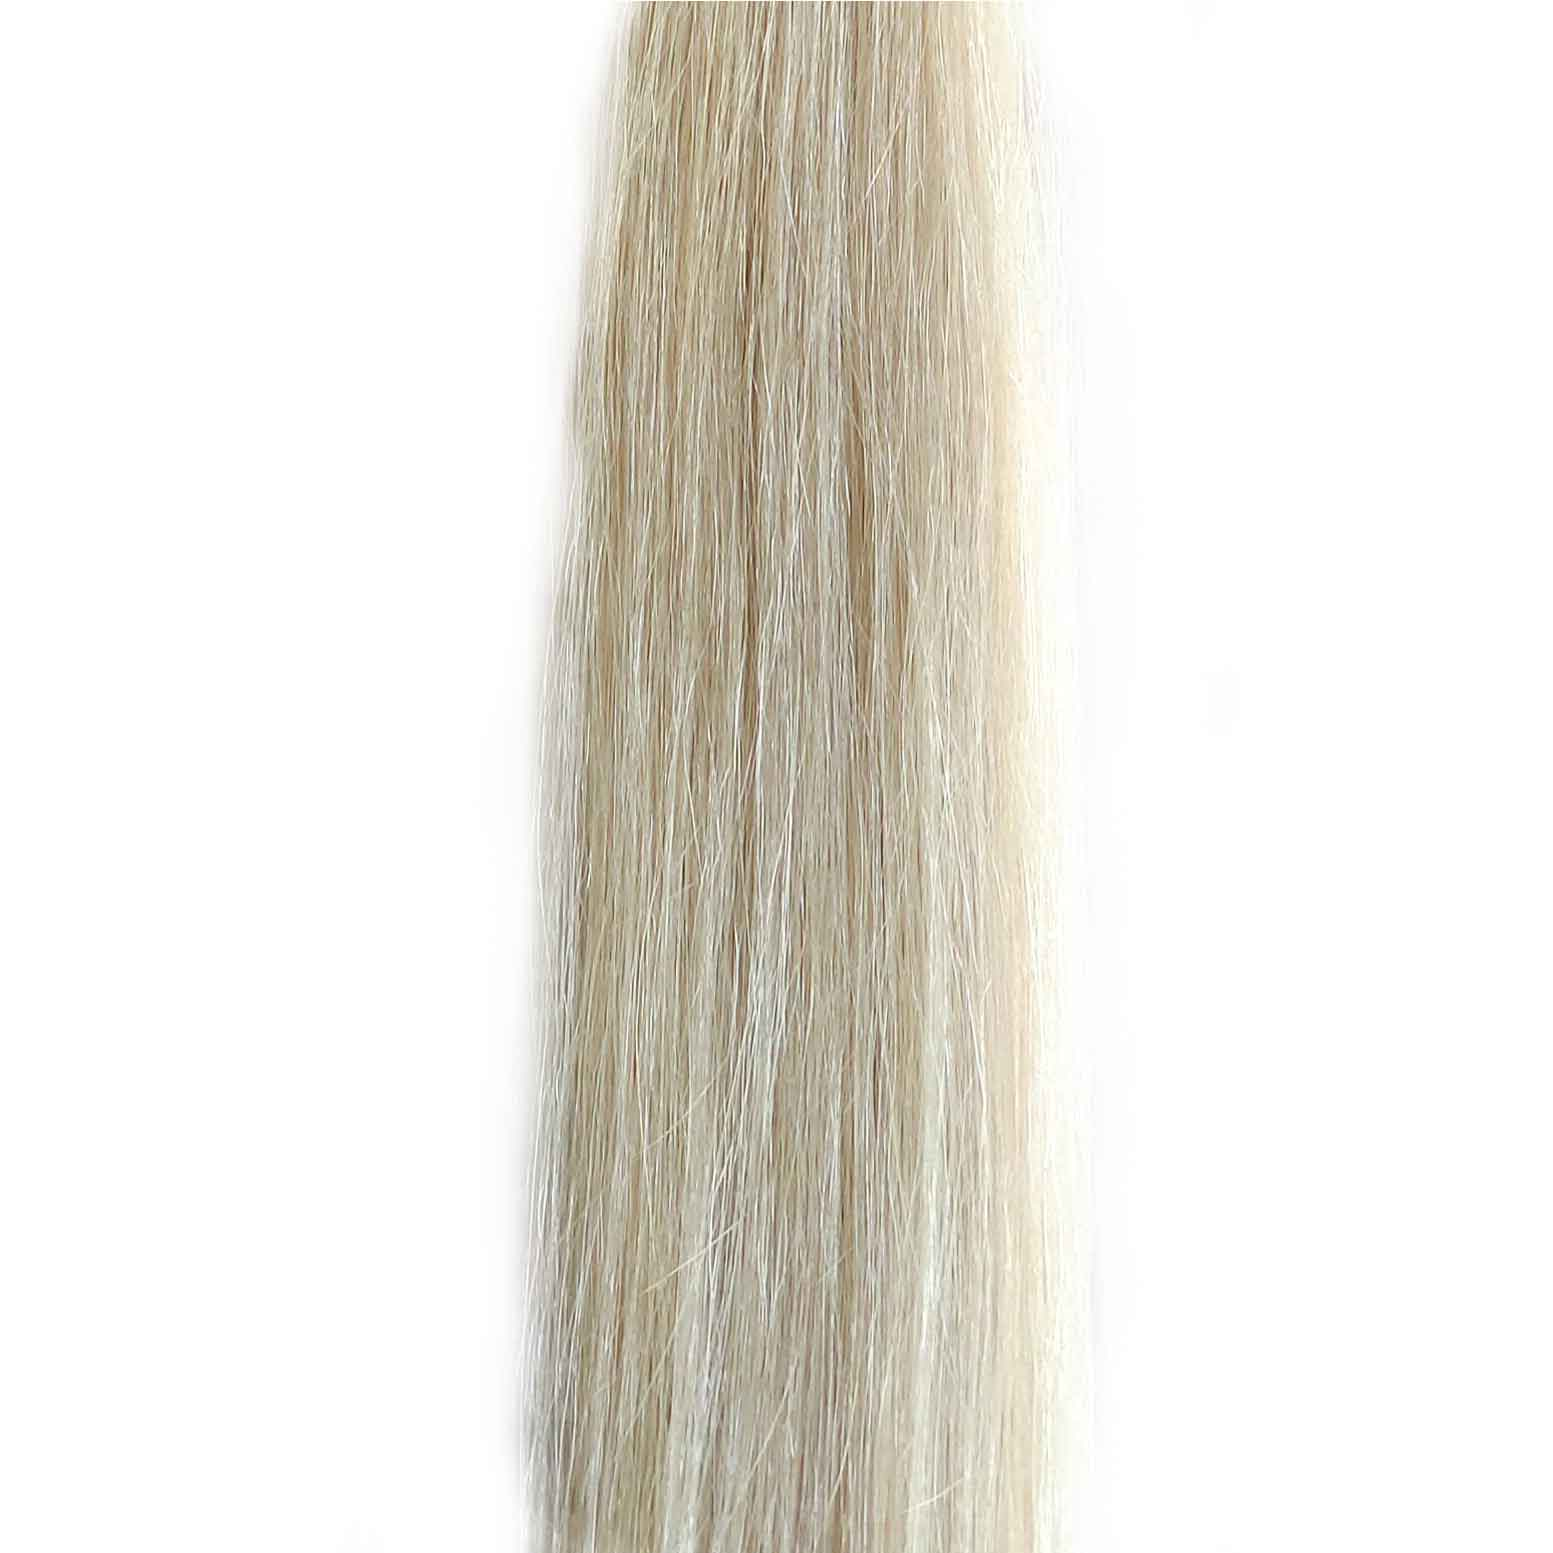 Color 107 - Rubio clarísimo con un leve tono ceniza